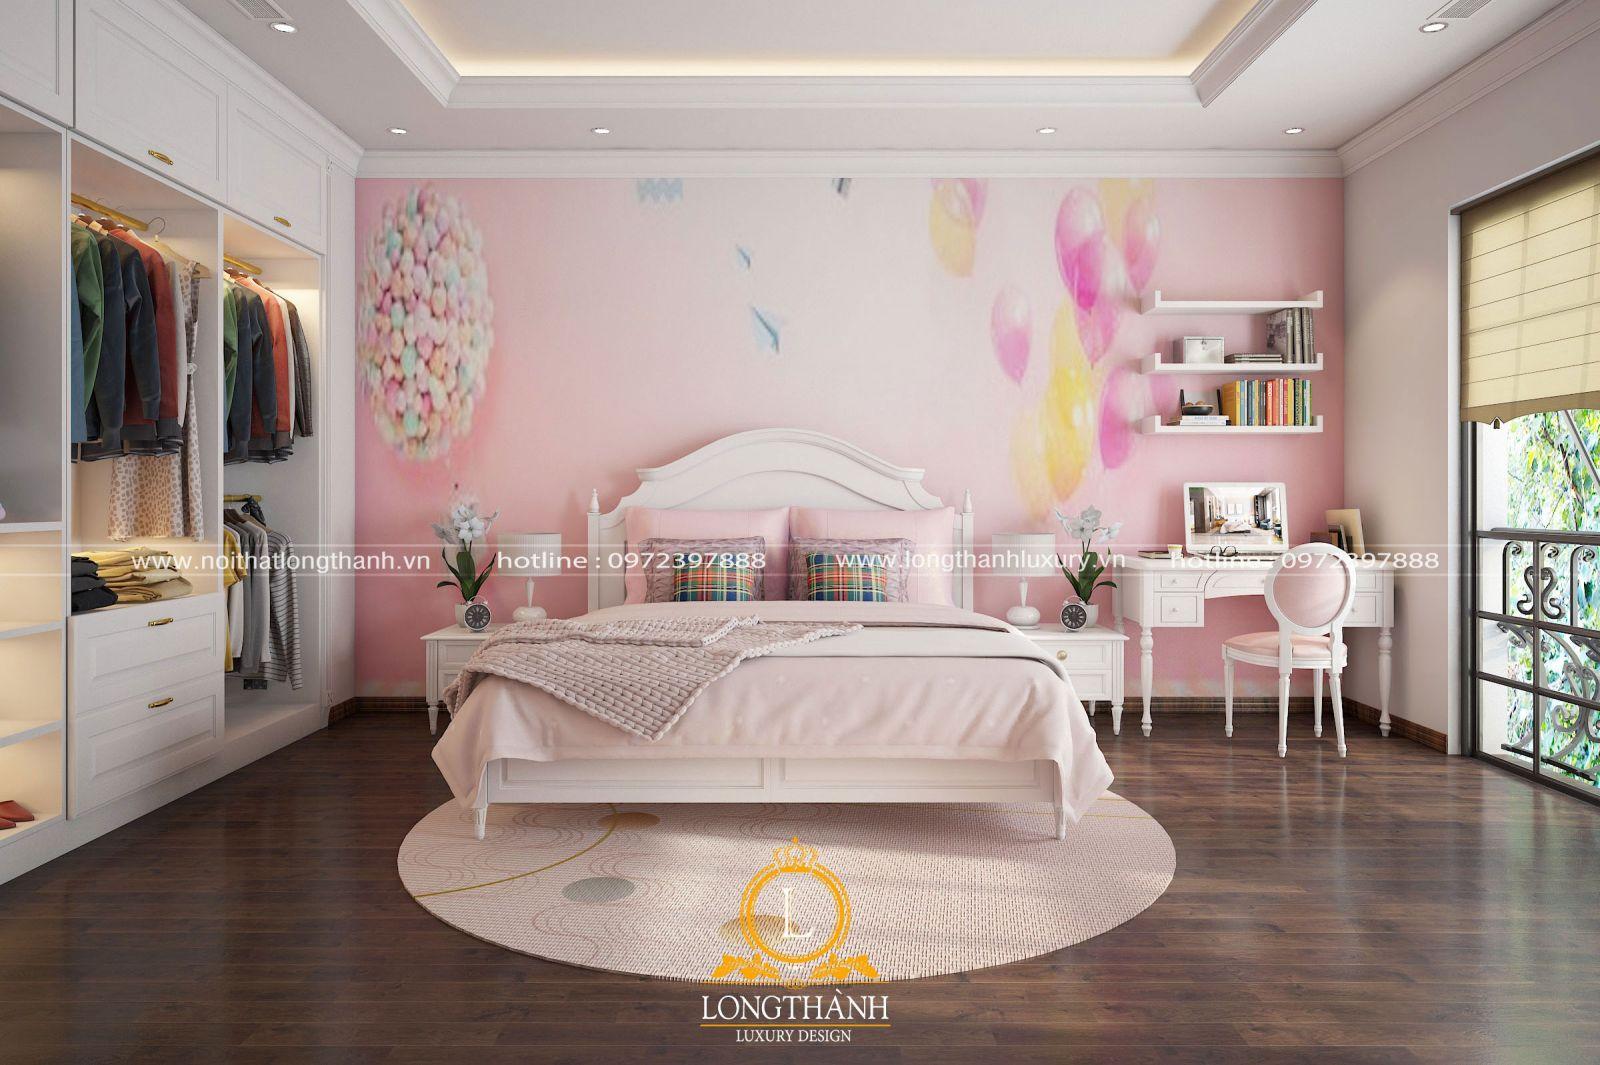 Phòng ngủ cho bé gái mang phong cách tân cổ điển